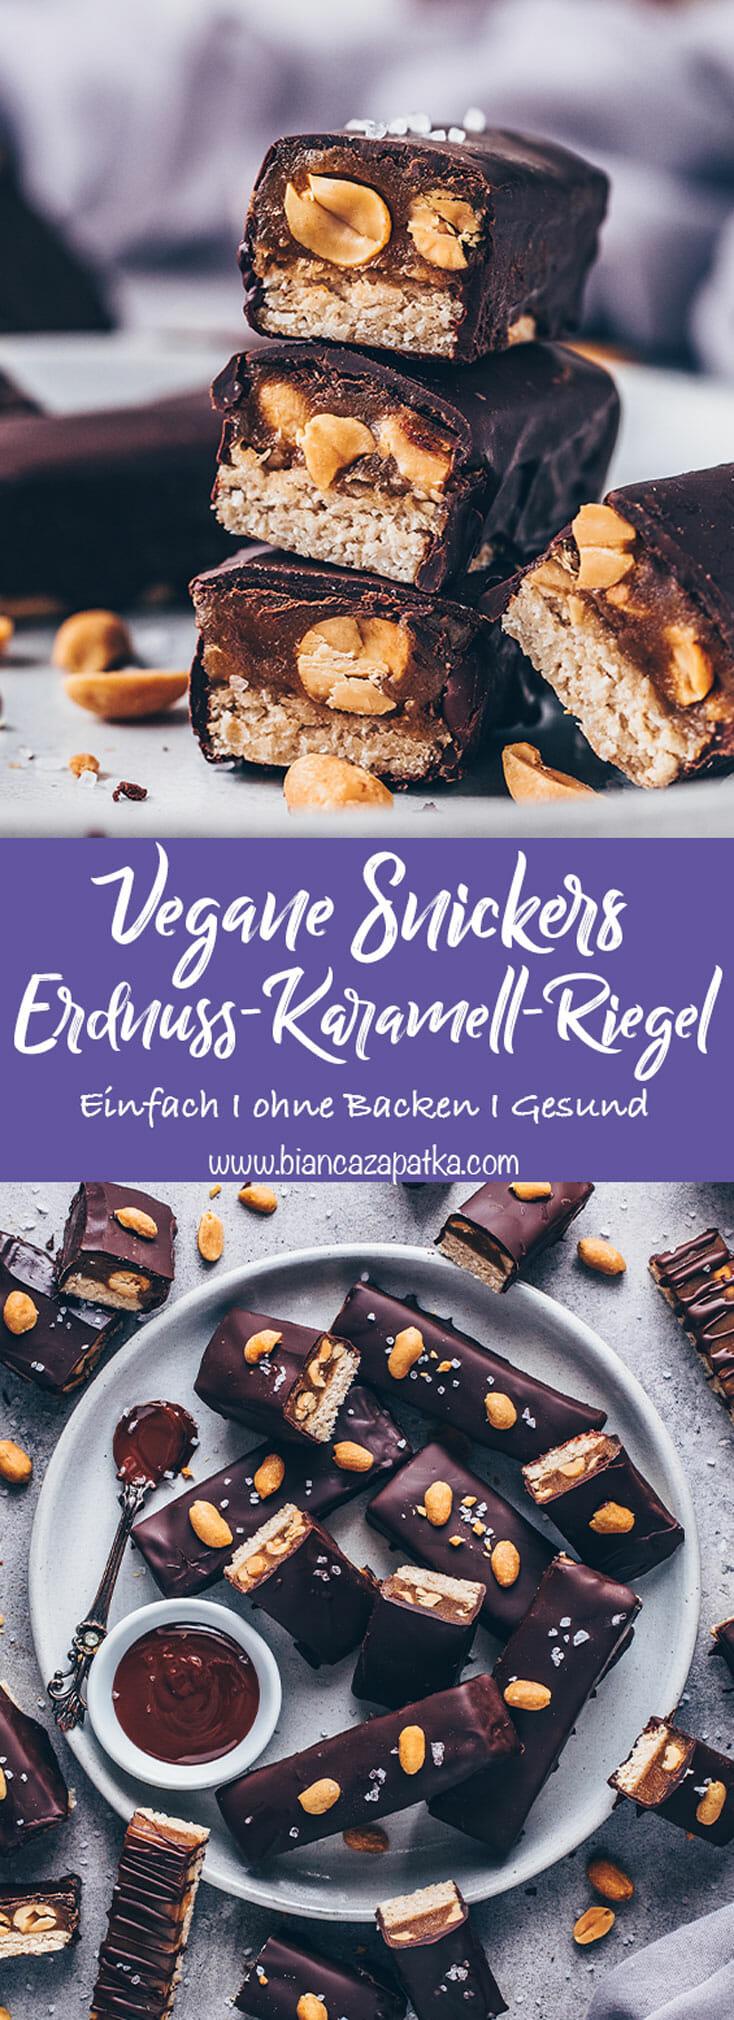 Vegane Snickers (Erdnuss-Karamell-Schokoriegel)